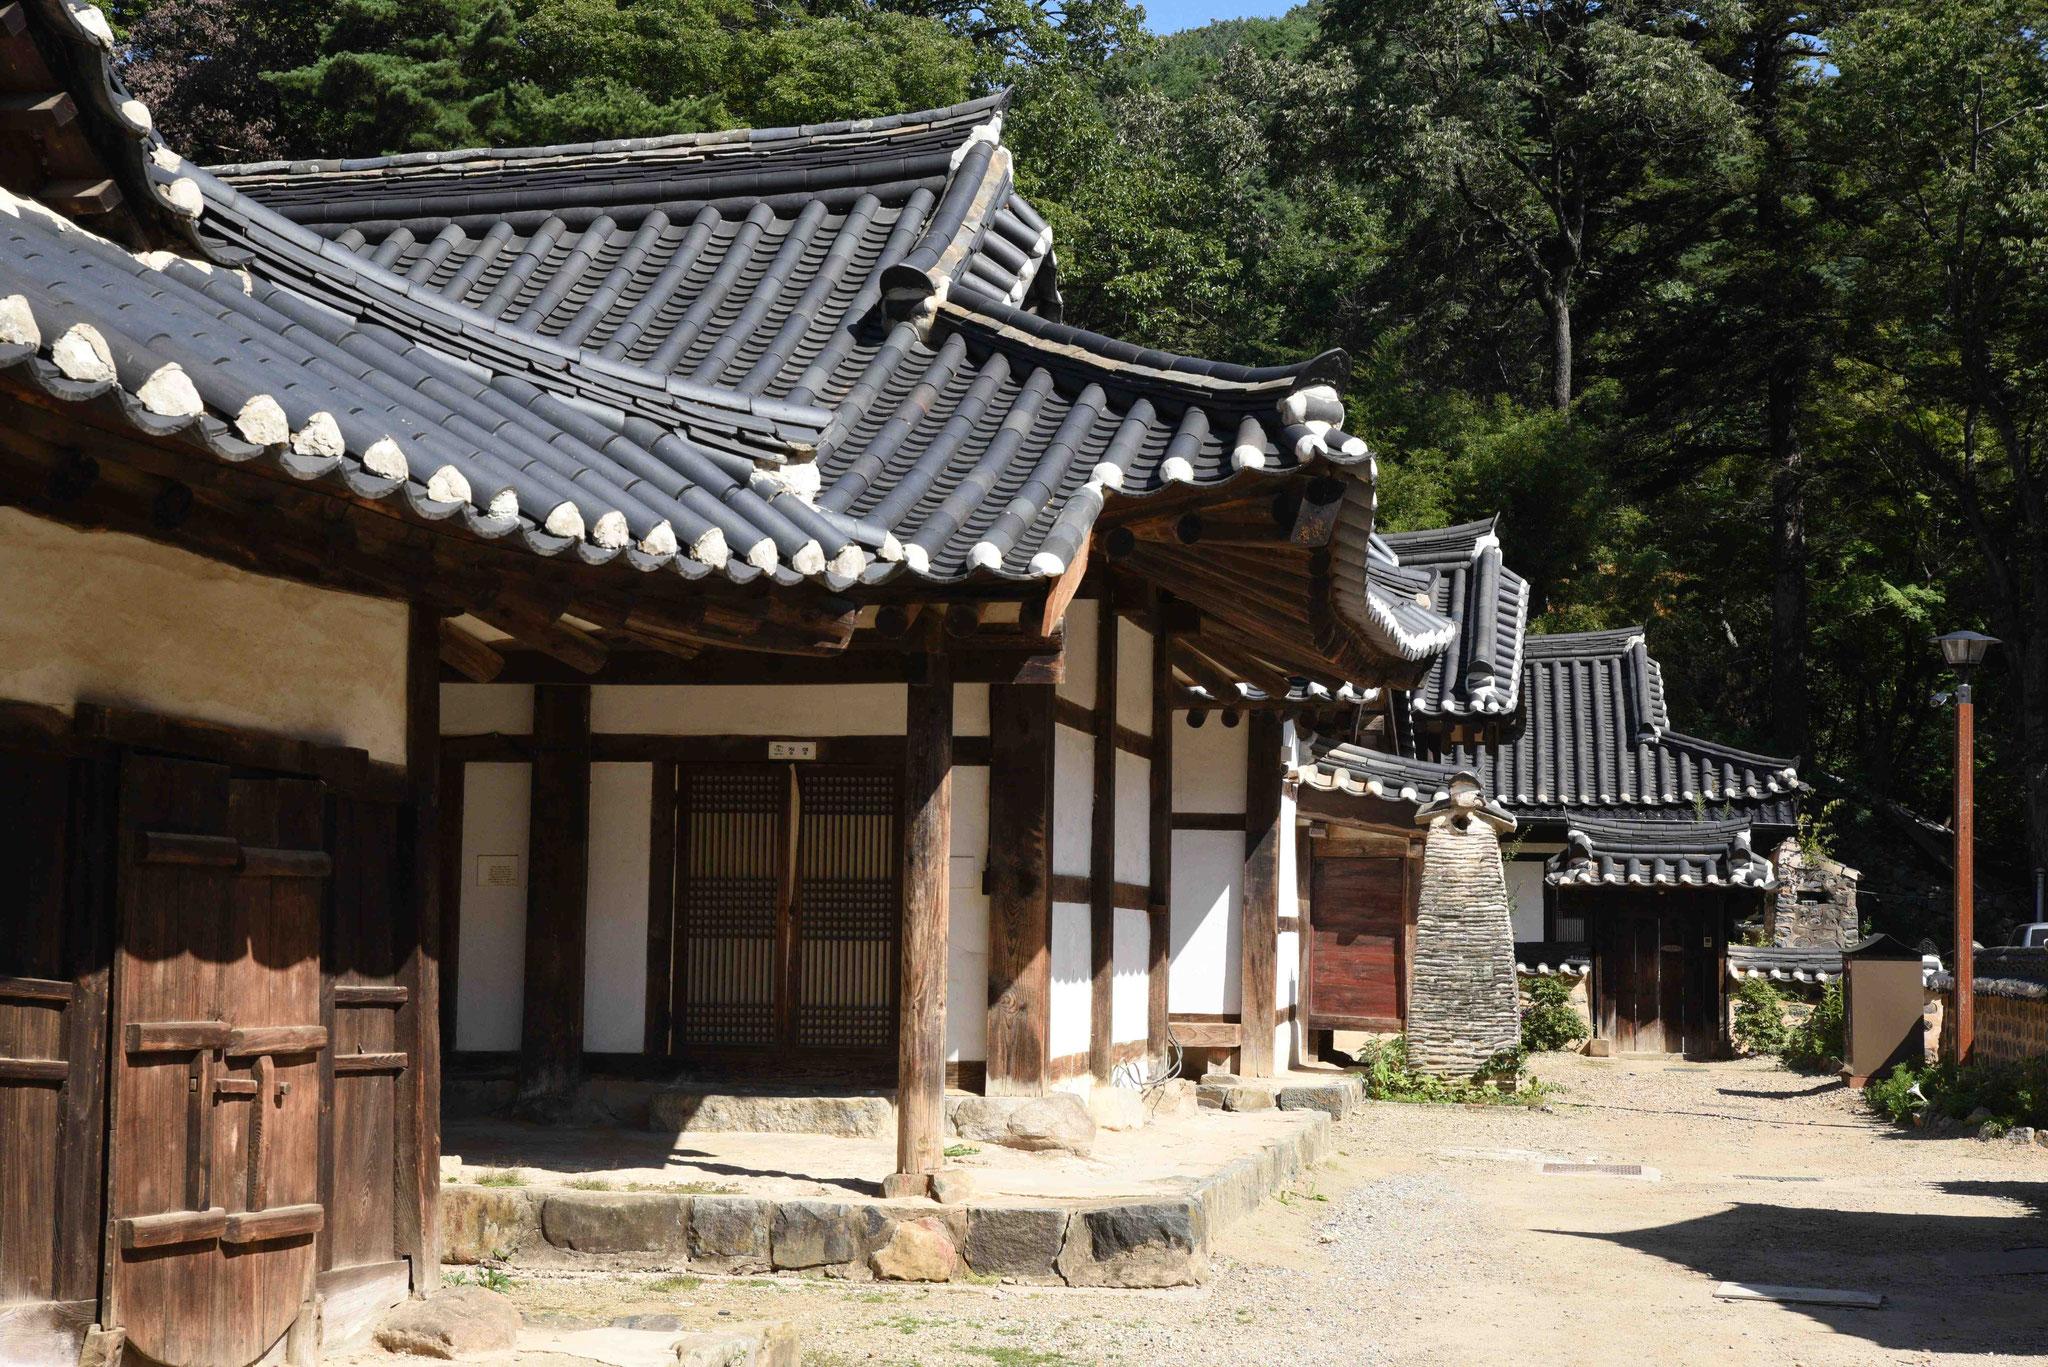 Wohnbereich in der Tempelanlage